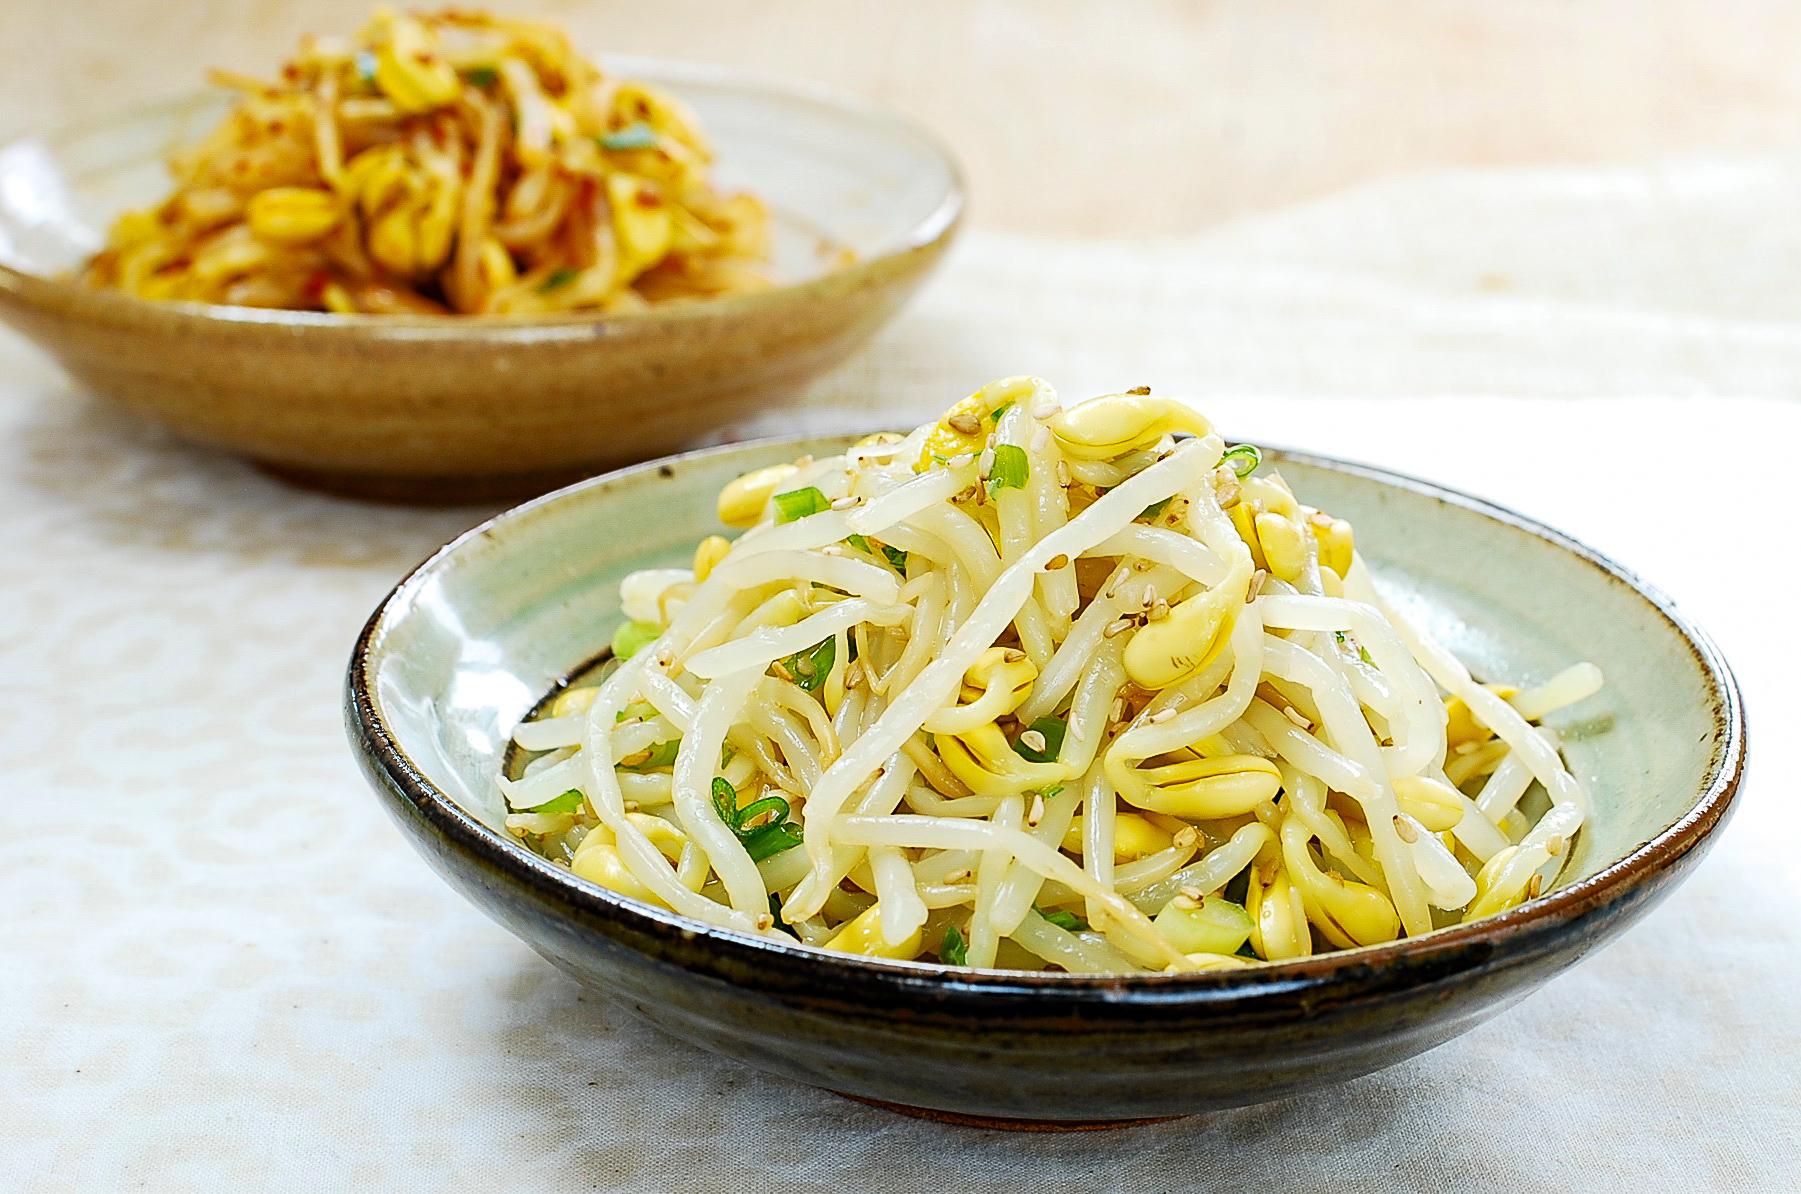 DSC 0081 1 - Kongnamul Muchim (Soybean Sprout Side Dish)